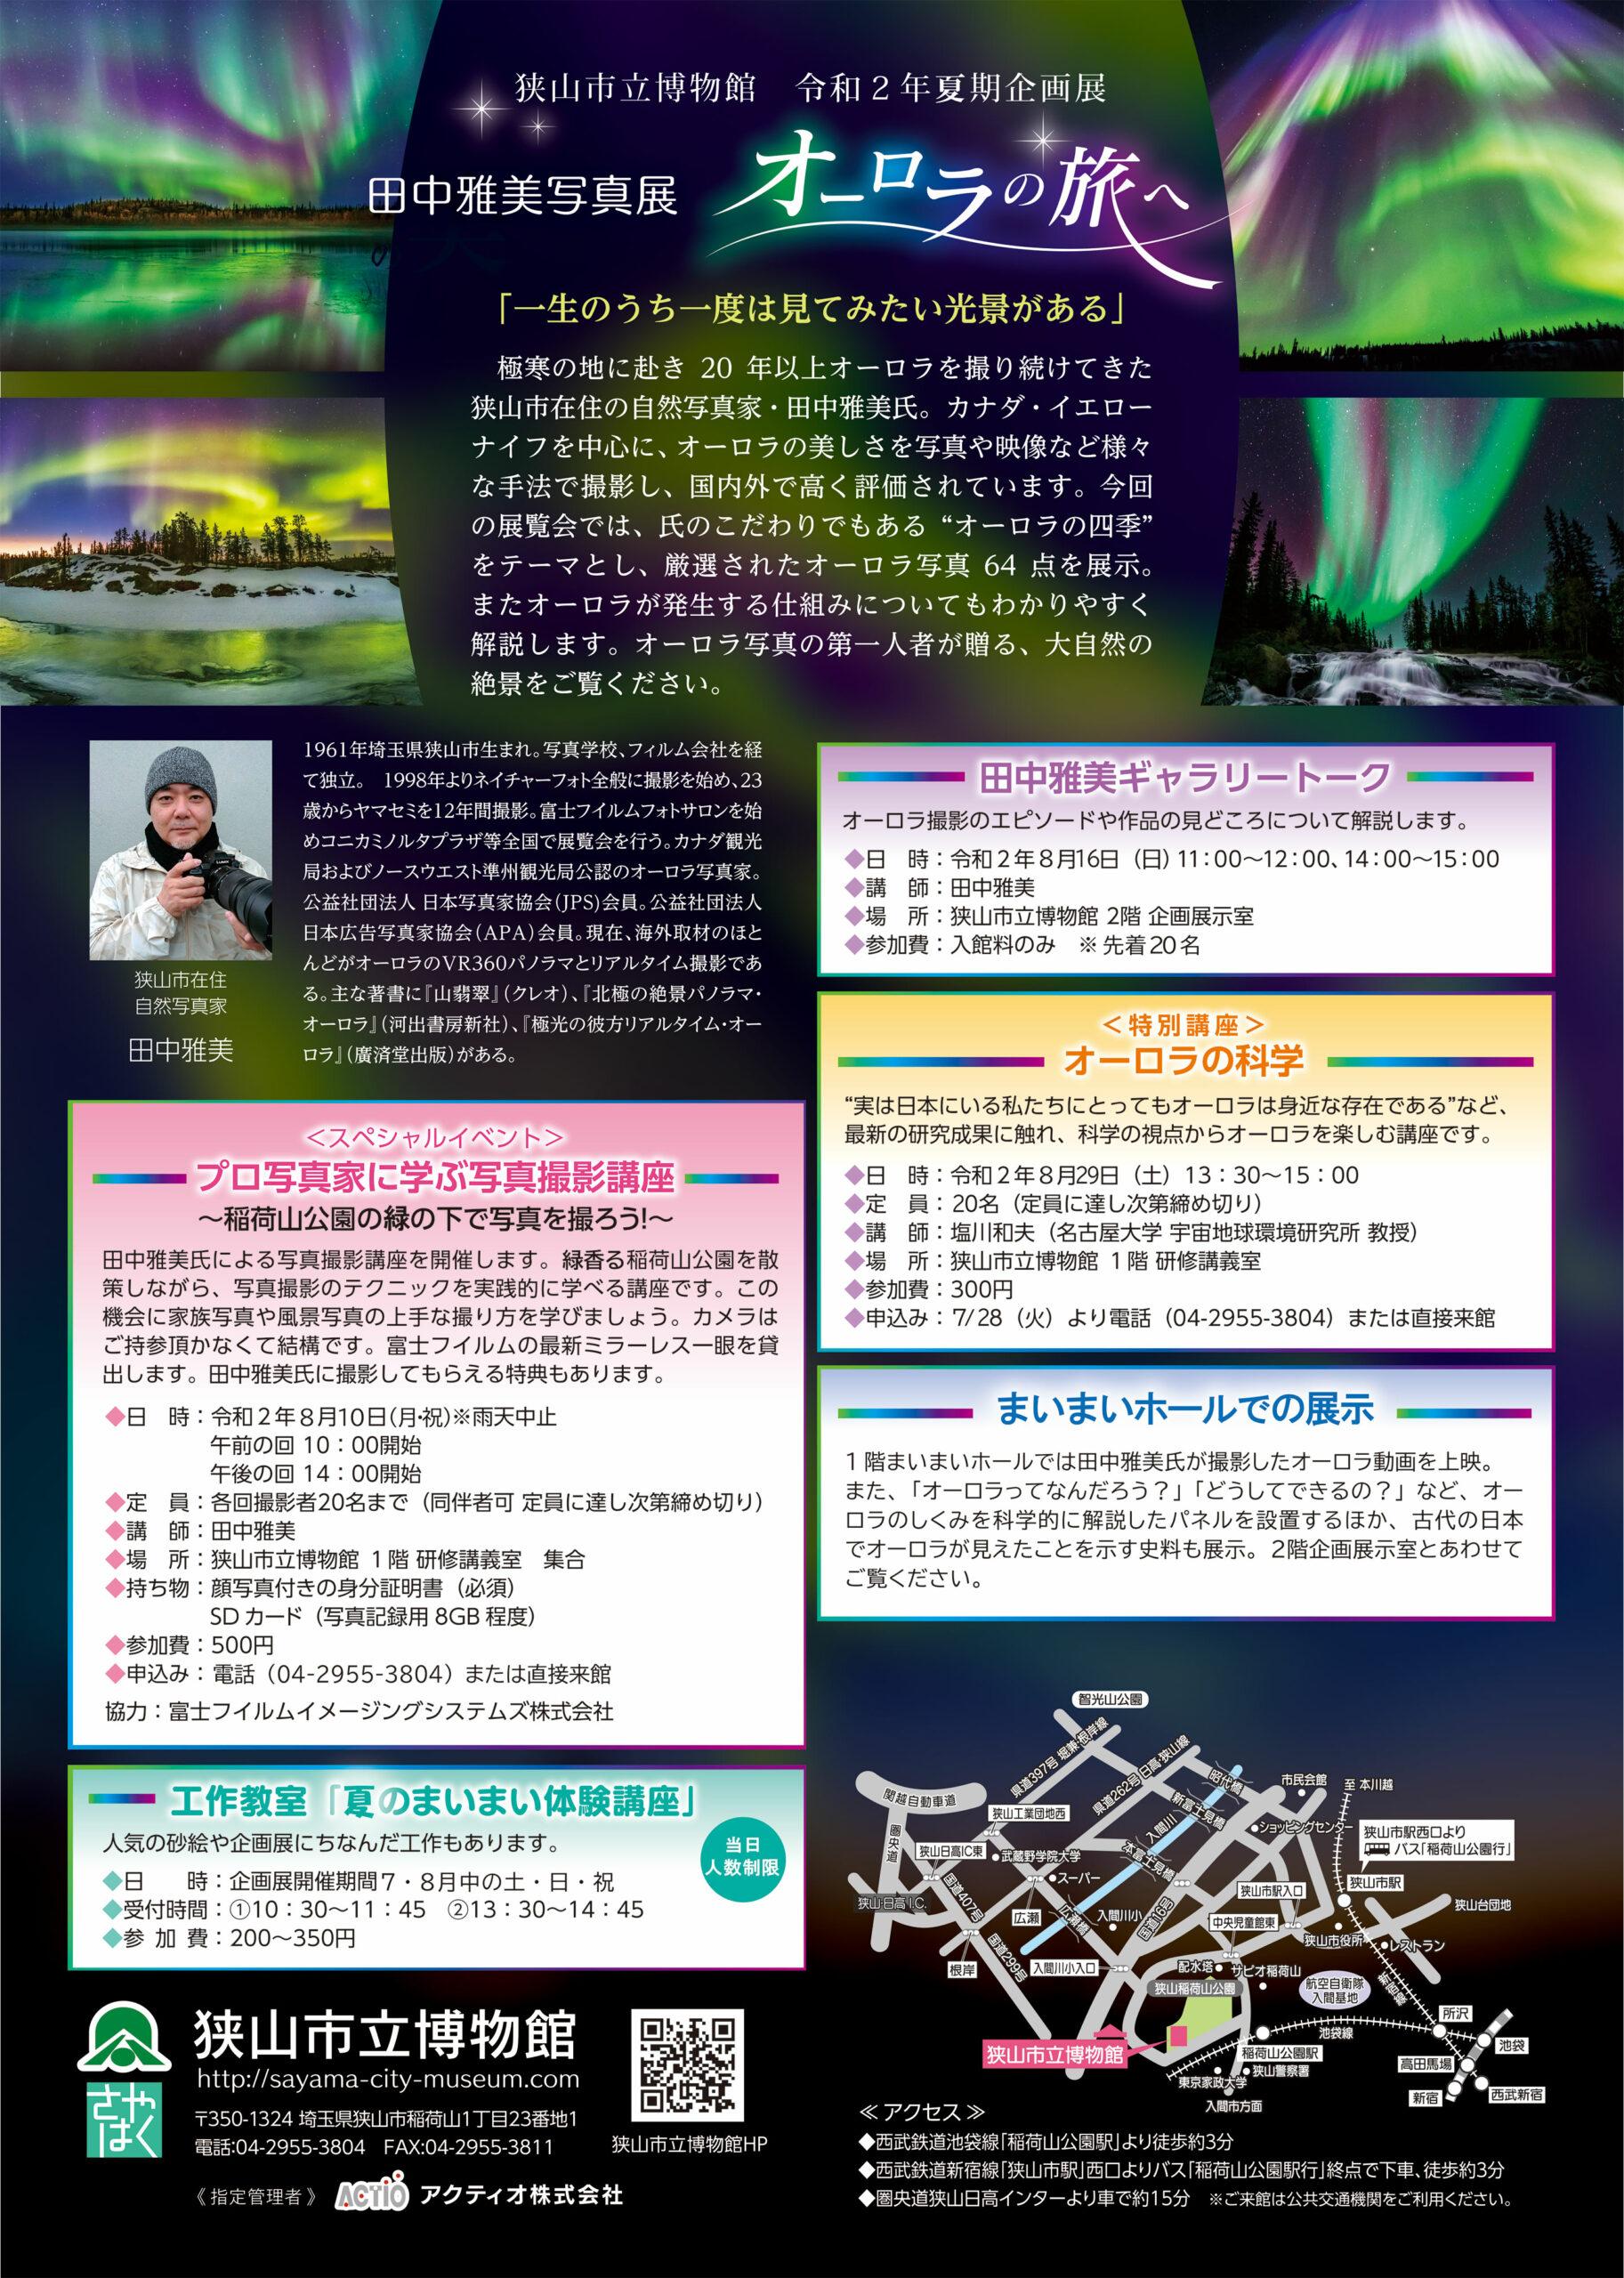 令和2年度 夏期企画展「田中雅美写真展~オーロラの旅へ~」